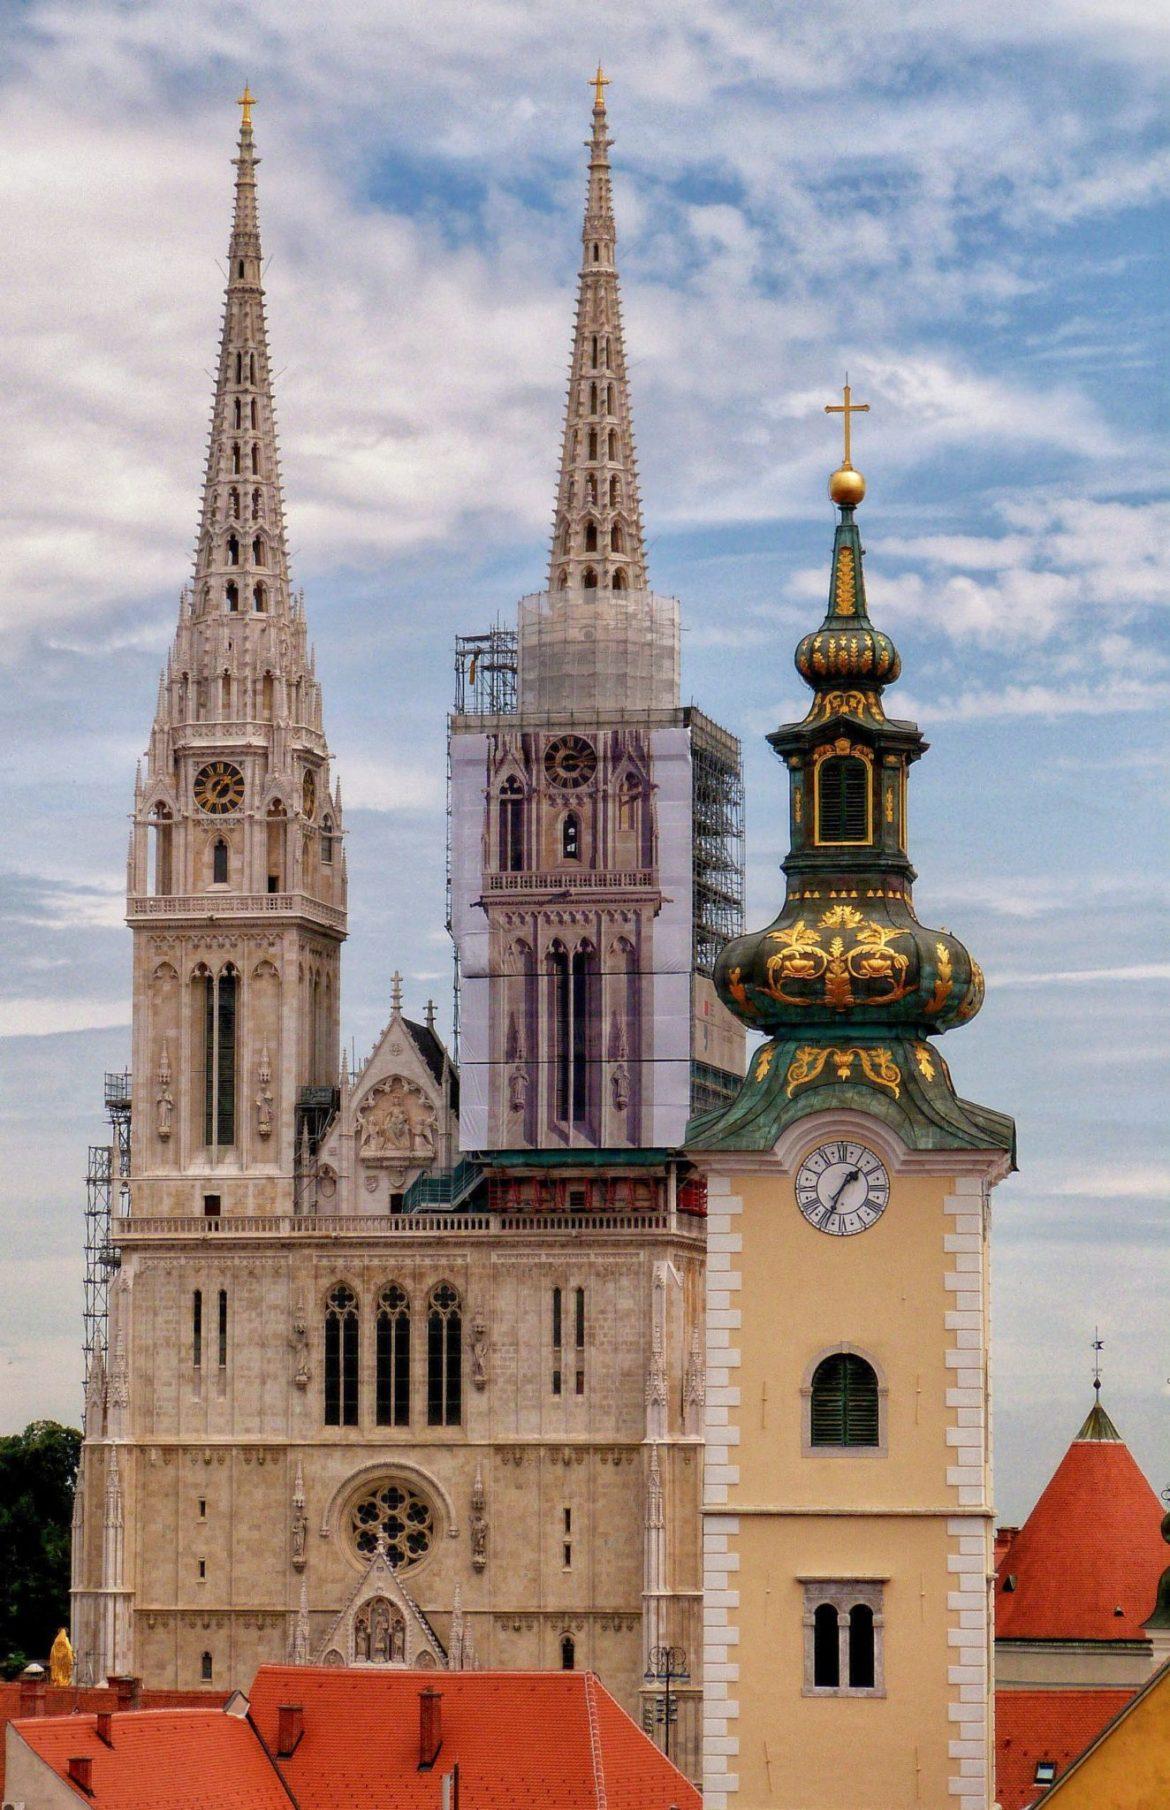 Zagrzeb katedra Chorwacja co zwiedzić w chorwacji